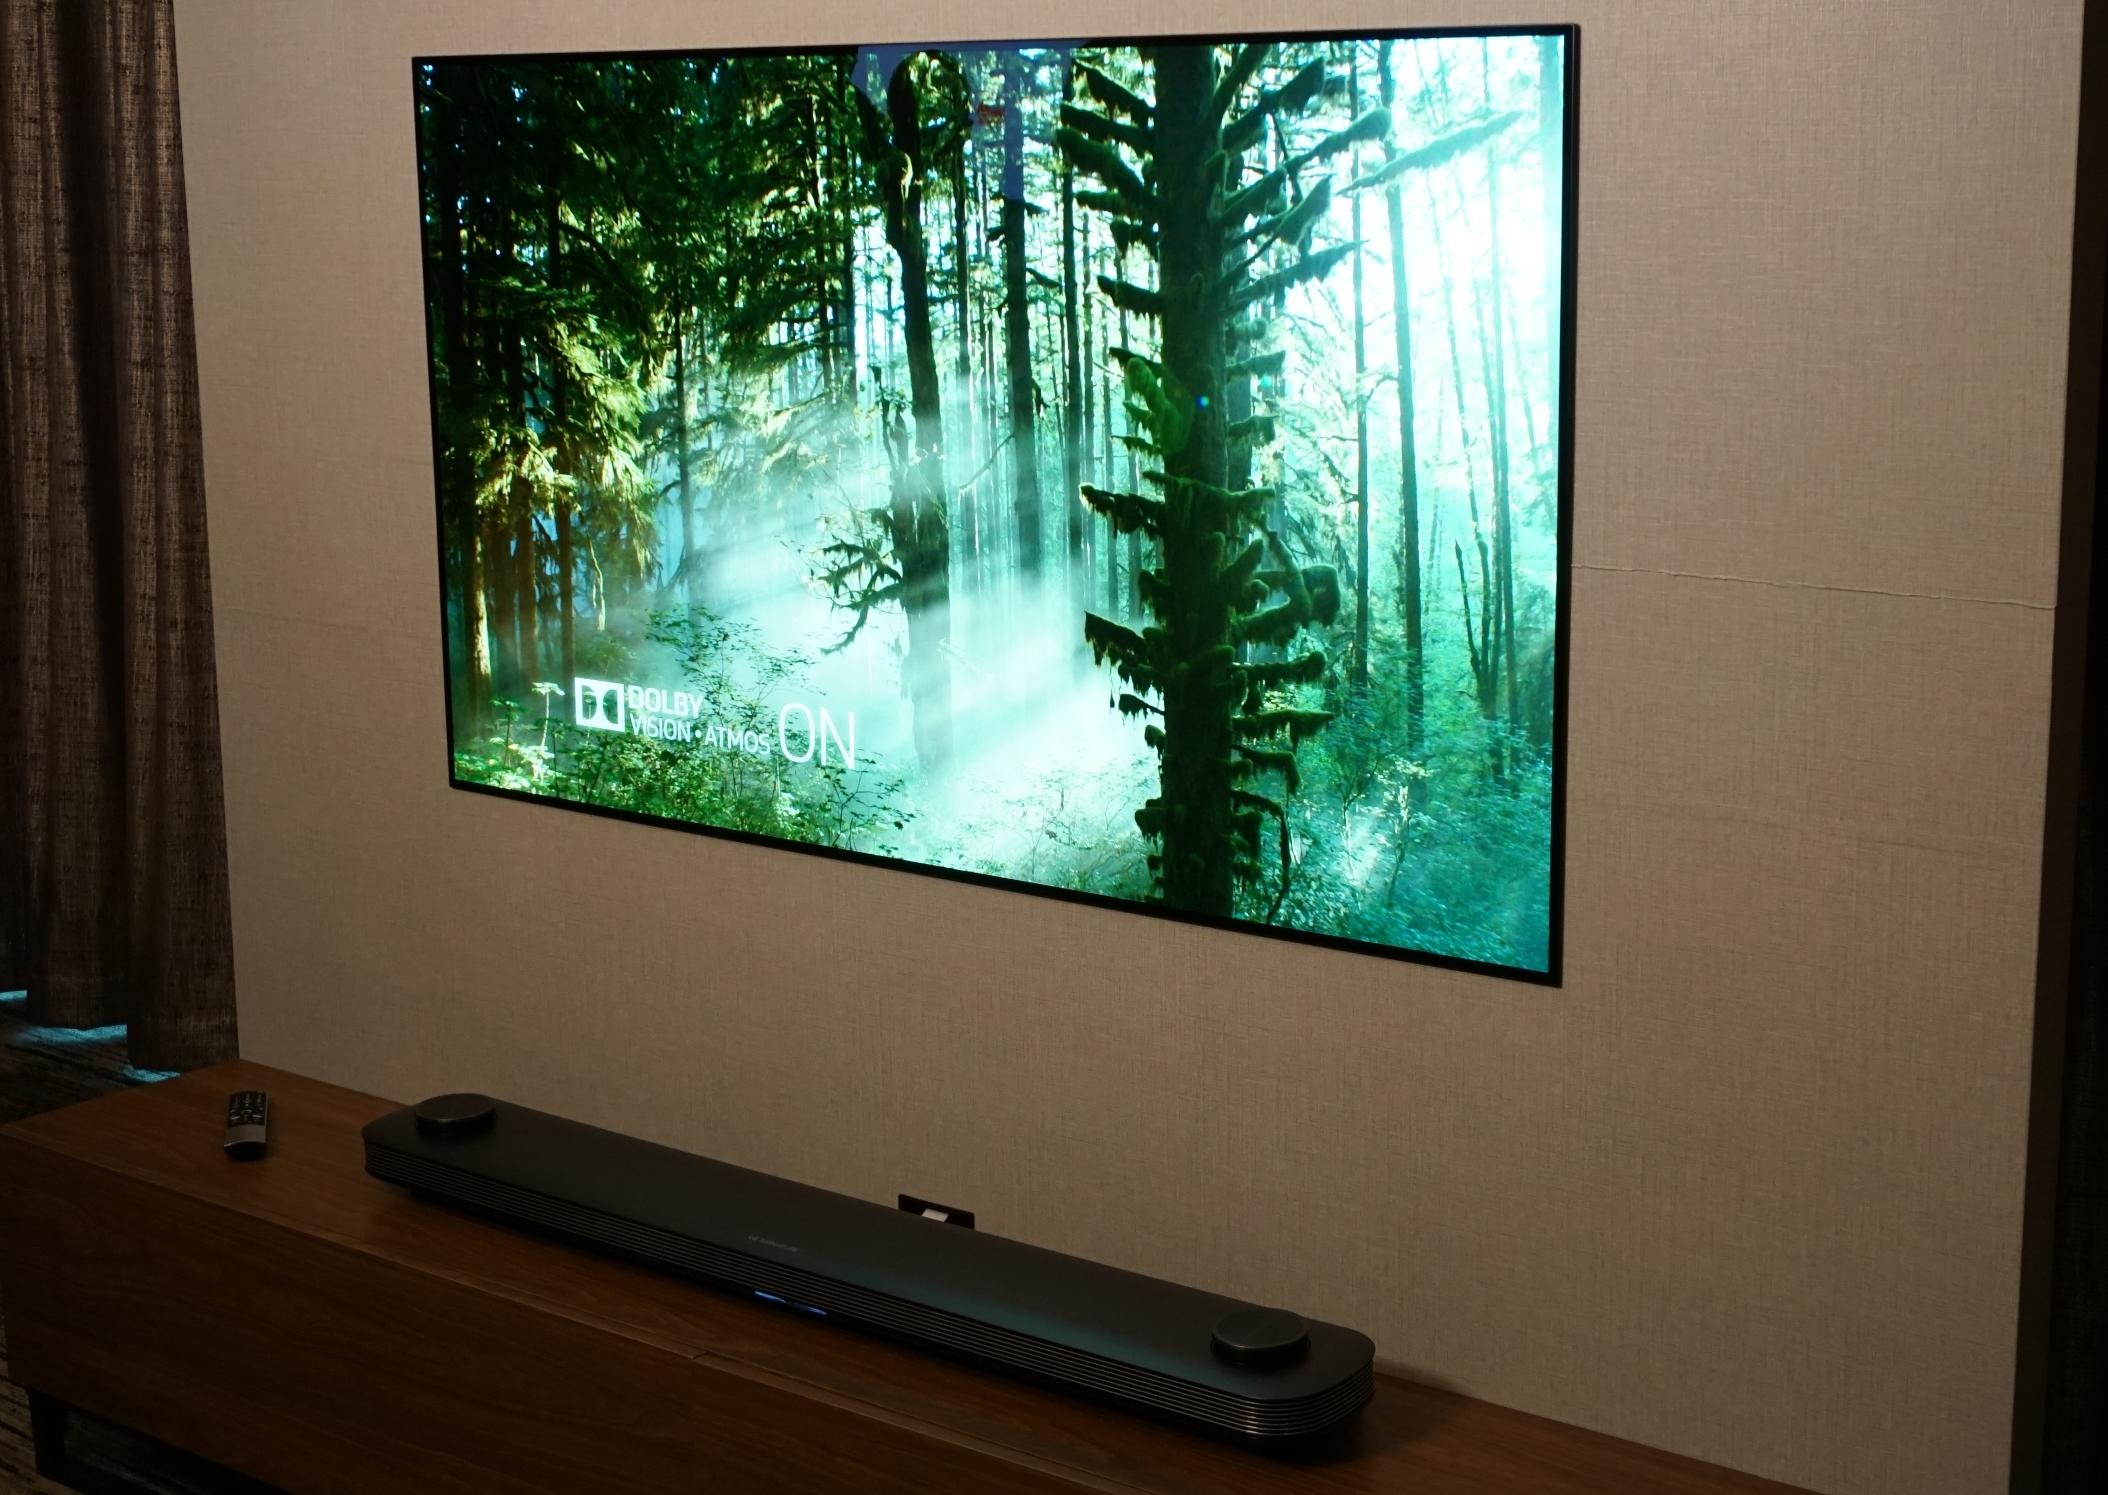 TVs Noch Farb- Und Kontraststärker